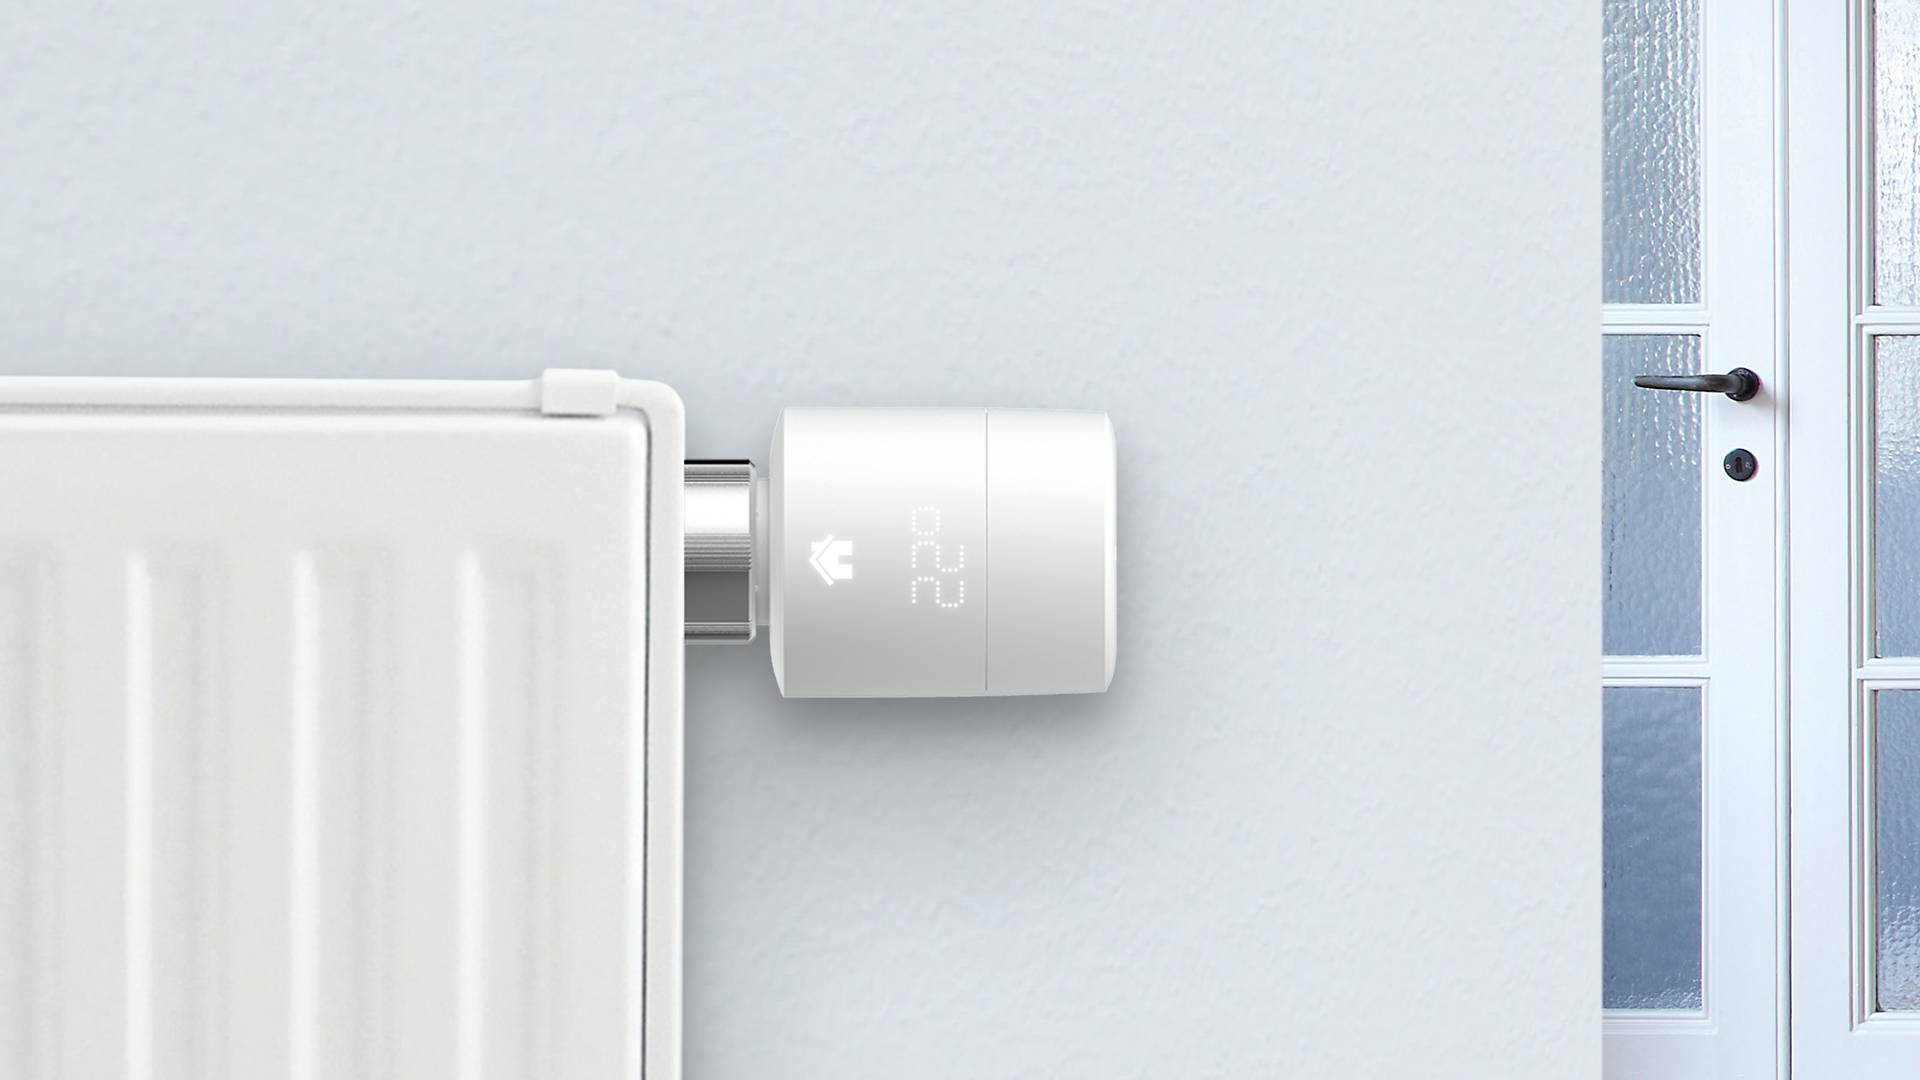 Wie kann man einen neuen Thermostat anhaken?